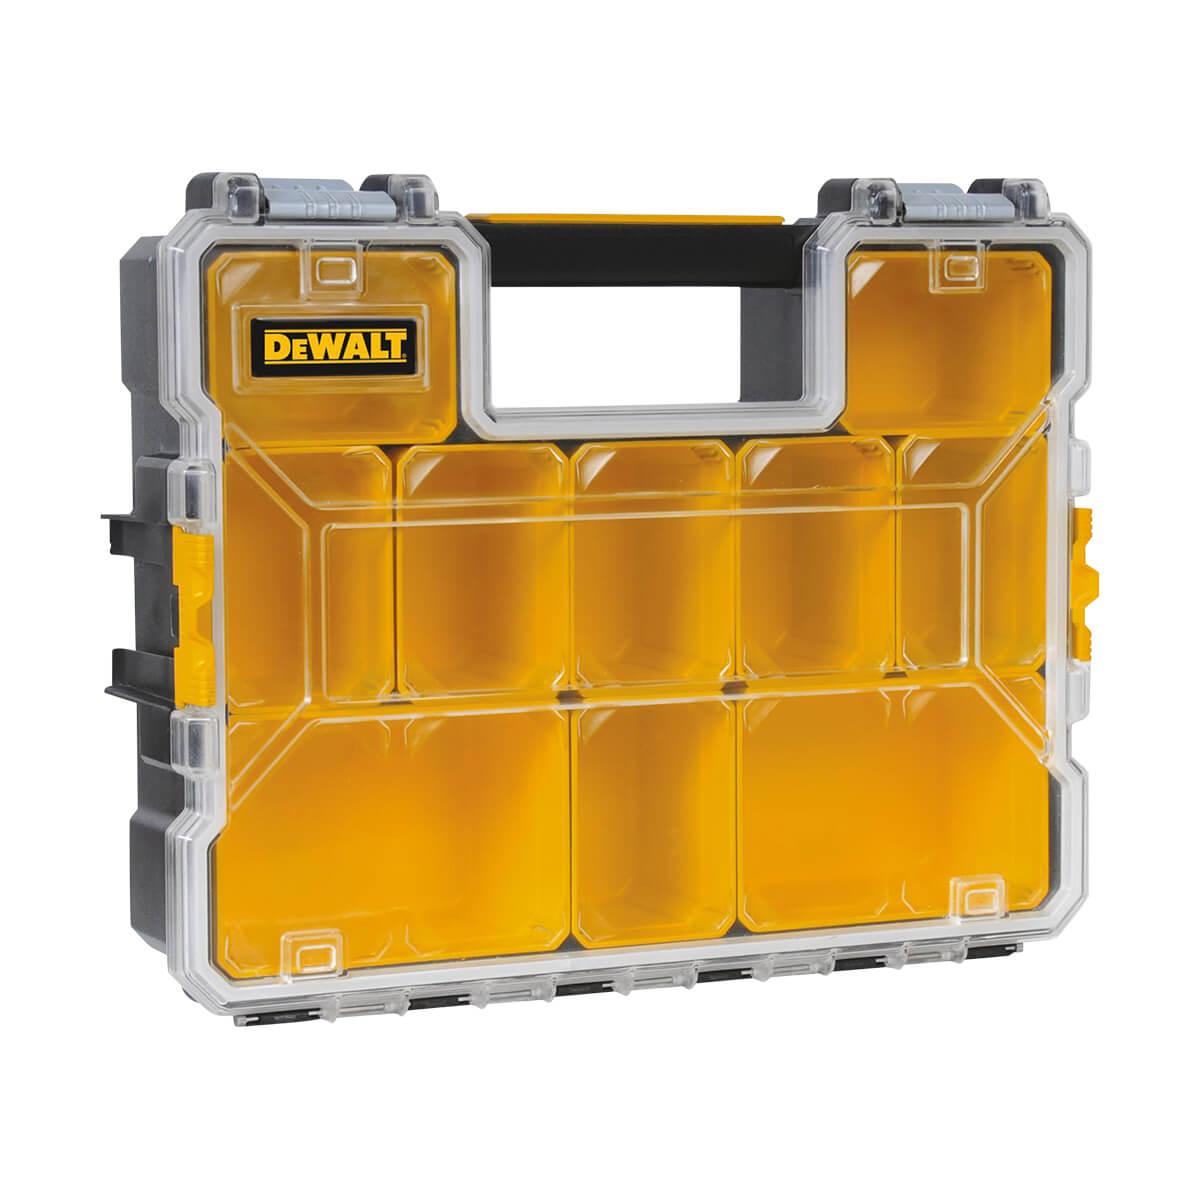 DEWALT 10-Compartment Deep Organizer